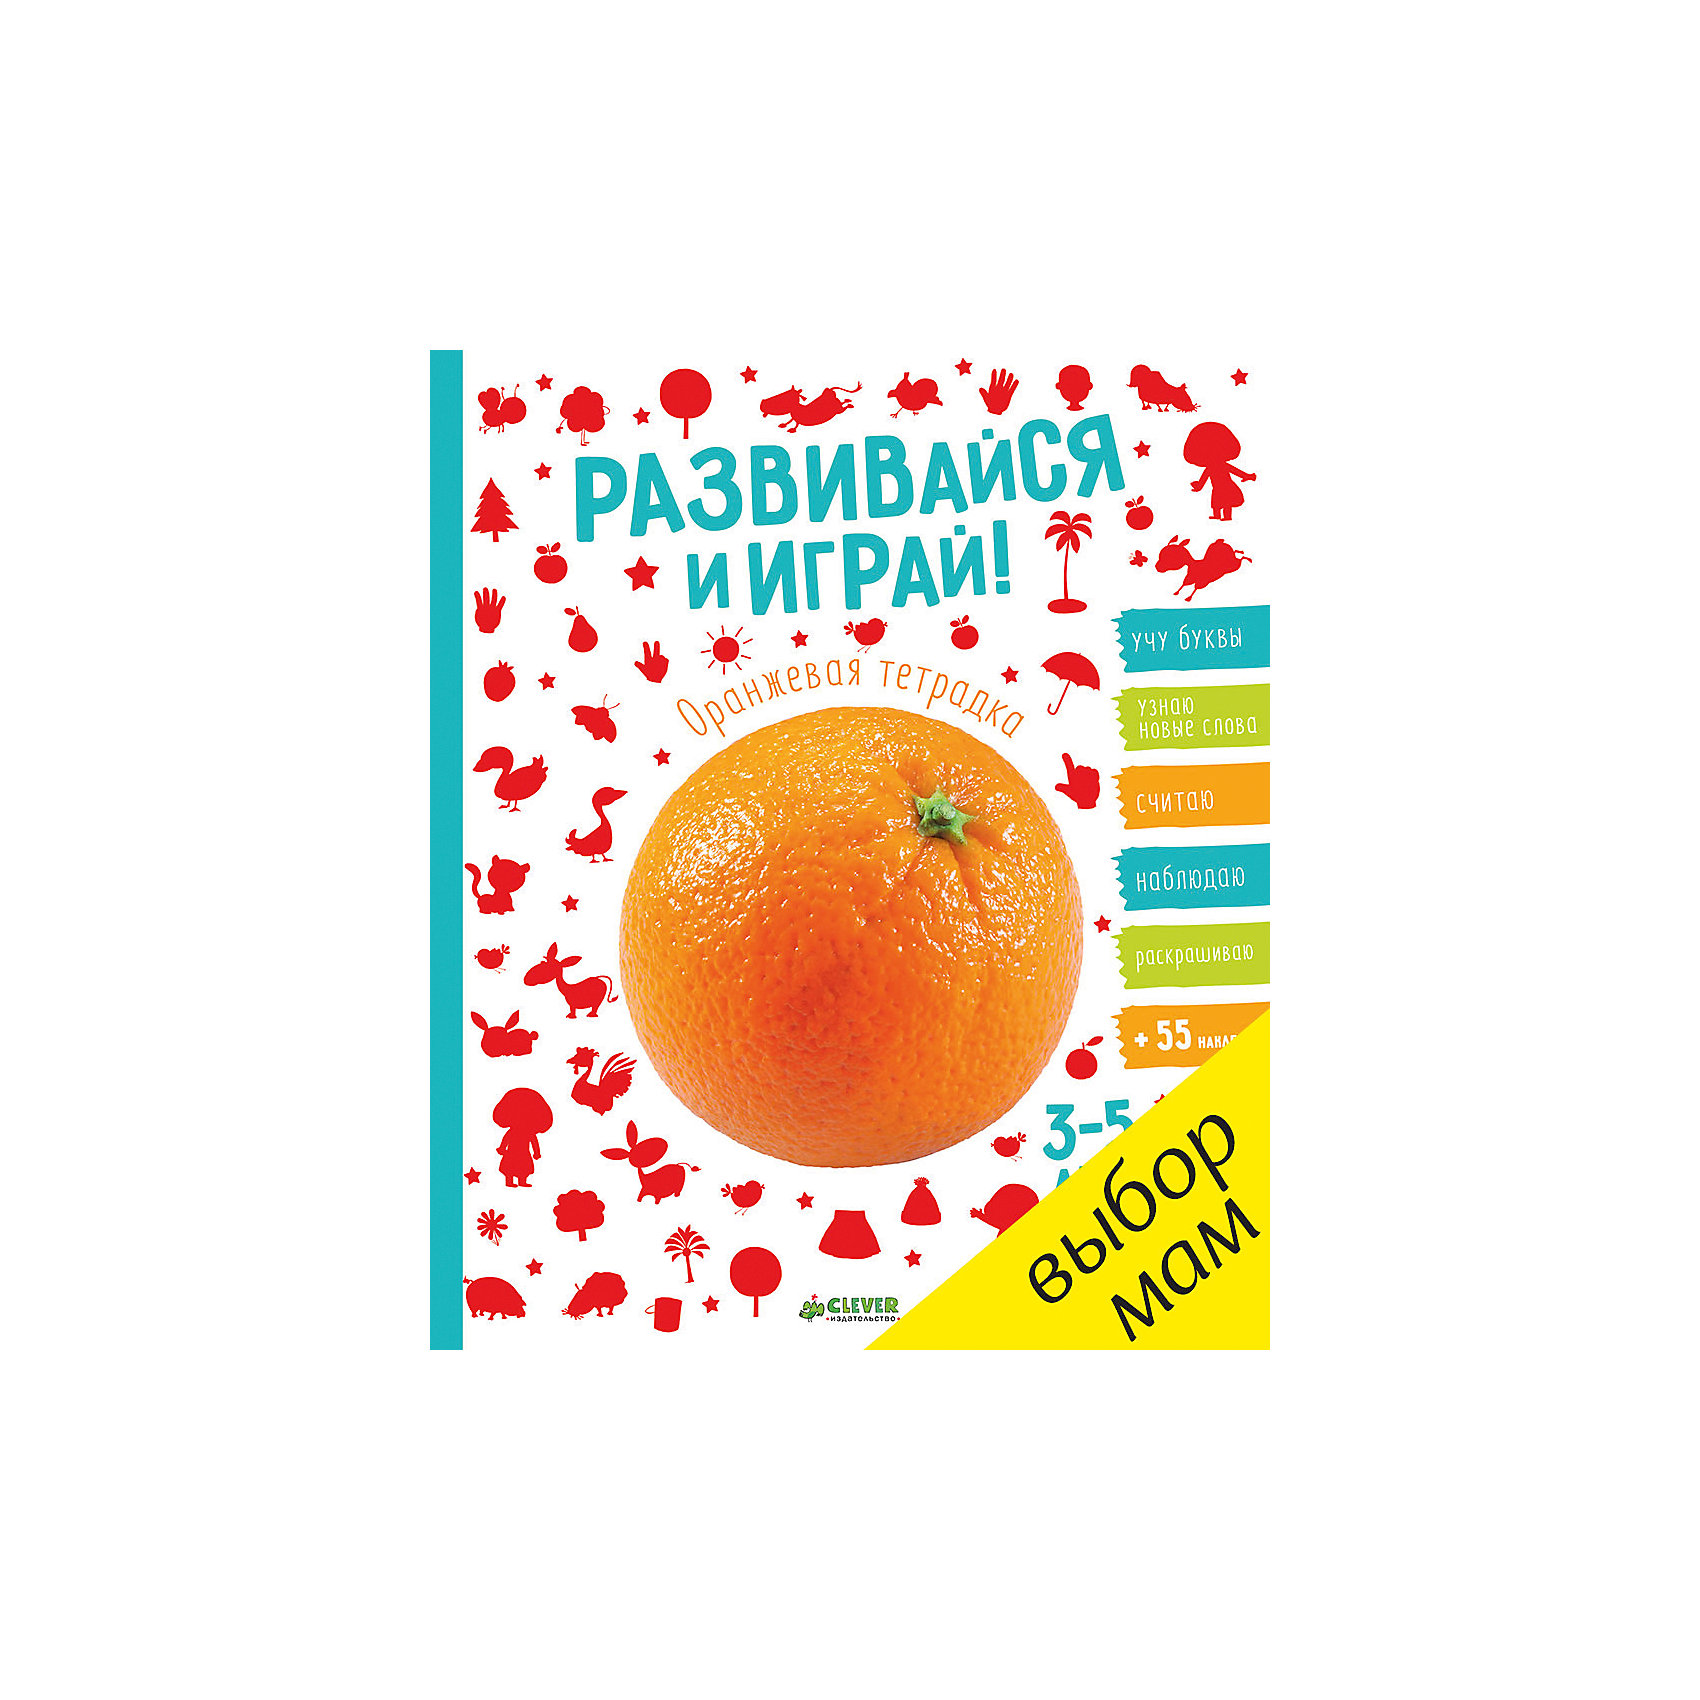 Тетрадка оранжевая с наклейками Развивайся и играй!, CleverТворчество для малышей<br>Характеристики оранжевой тетрадки с наклейками Развивайся и играй!:<br><br>• пол: для мальчиков и девочек<br>• возраст: от 3 лет<br>• формат: 25х21х 0.8 см<br>• переплет: твердый переплёт<br>• кол-во страниц: 48<br>• иллюстрации: цветные<br>• издательство: Clever<br>• страна обладатель бренда: Россия <br><br>Книга серии Развивайся и играй! от издательства Clever - это оранжевая тетрадка с заданиями, направленными на развитие ребенка 3-5 лет. Выполняя задачки книги, ребенок выучит буквы, пополнит лексикон, научится считать и наблюдать, а также потренируется в раскрашивании. Учеба в атмосфере игры станет еще увлекательнее с набором из 55 наклеек, входящих в комплект.<br><br>Тетрадку оранжевую с наклейками Развивайся и играй! издательства Clever  можно купить в нашем интернет-магазине.<br><br>Ширина мм: 250<br>Глубина мм: 210<br>Высота мм: 8<br>Вес г: 198<br>Возраст от месяцев: 48<br>Возраст до месяцев: 72<br>Пол: Унисекс<br>Возраст: Детский<br>SKU: 5440236